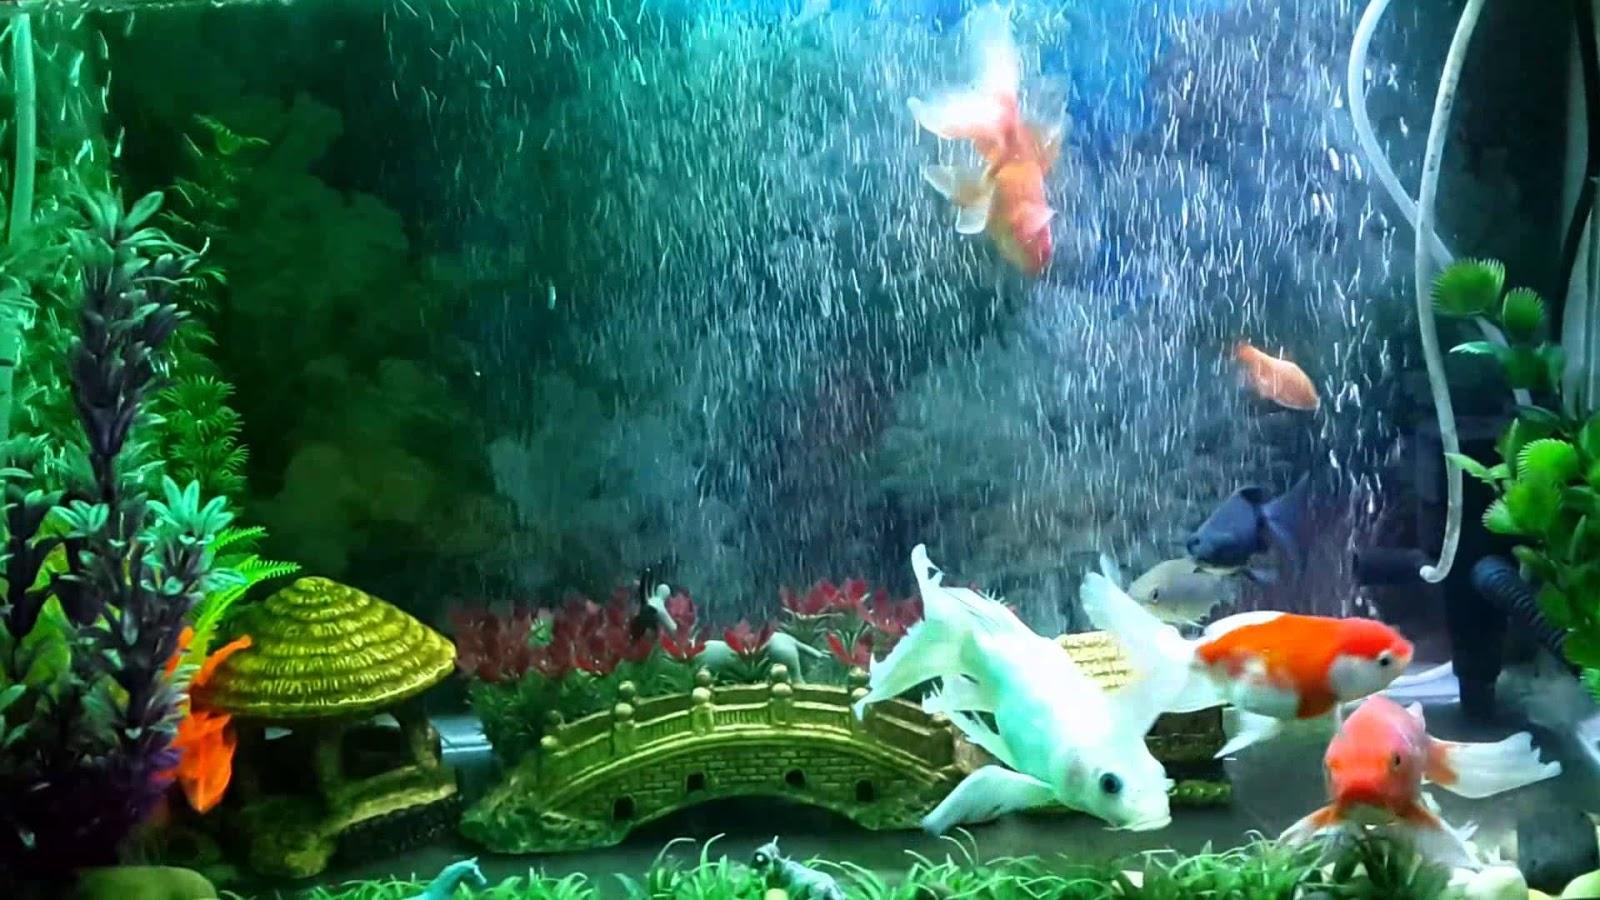 Chia sẻ bí quyết nuôi và chăm sóc cá cảnh tốt nhất